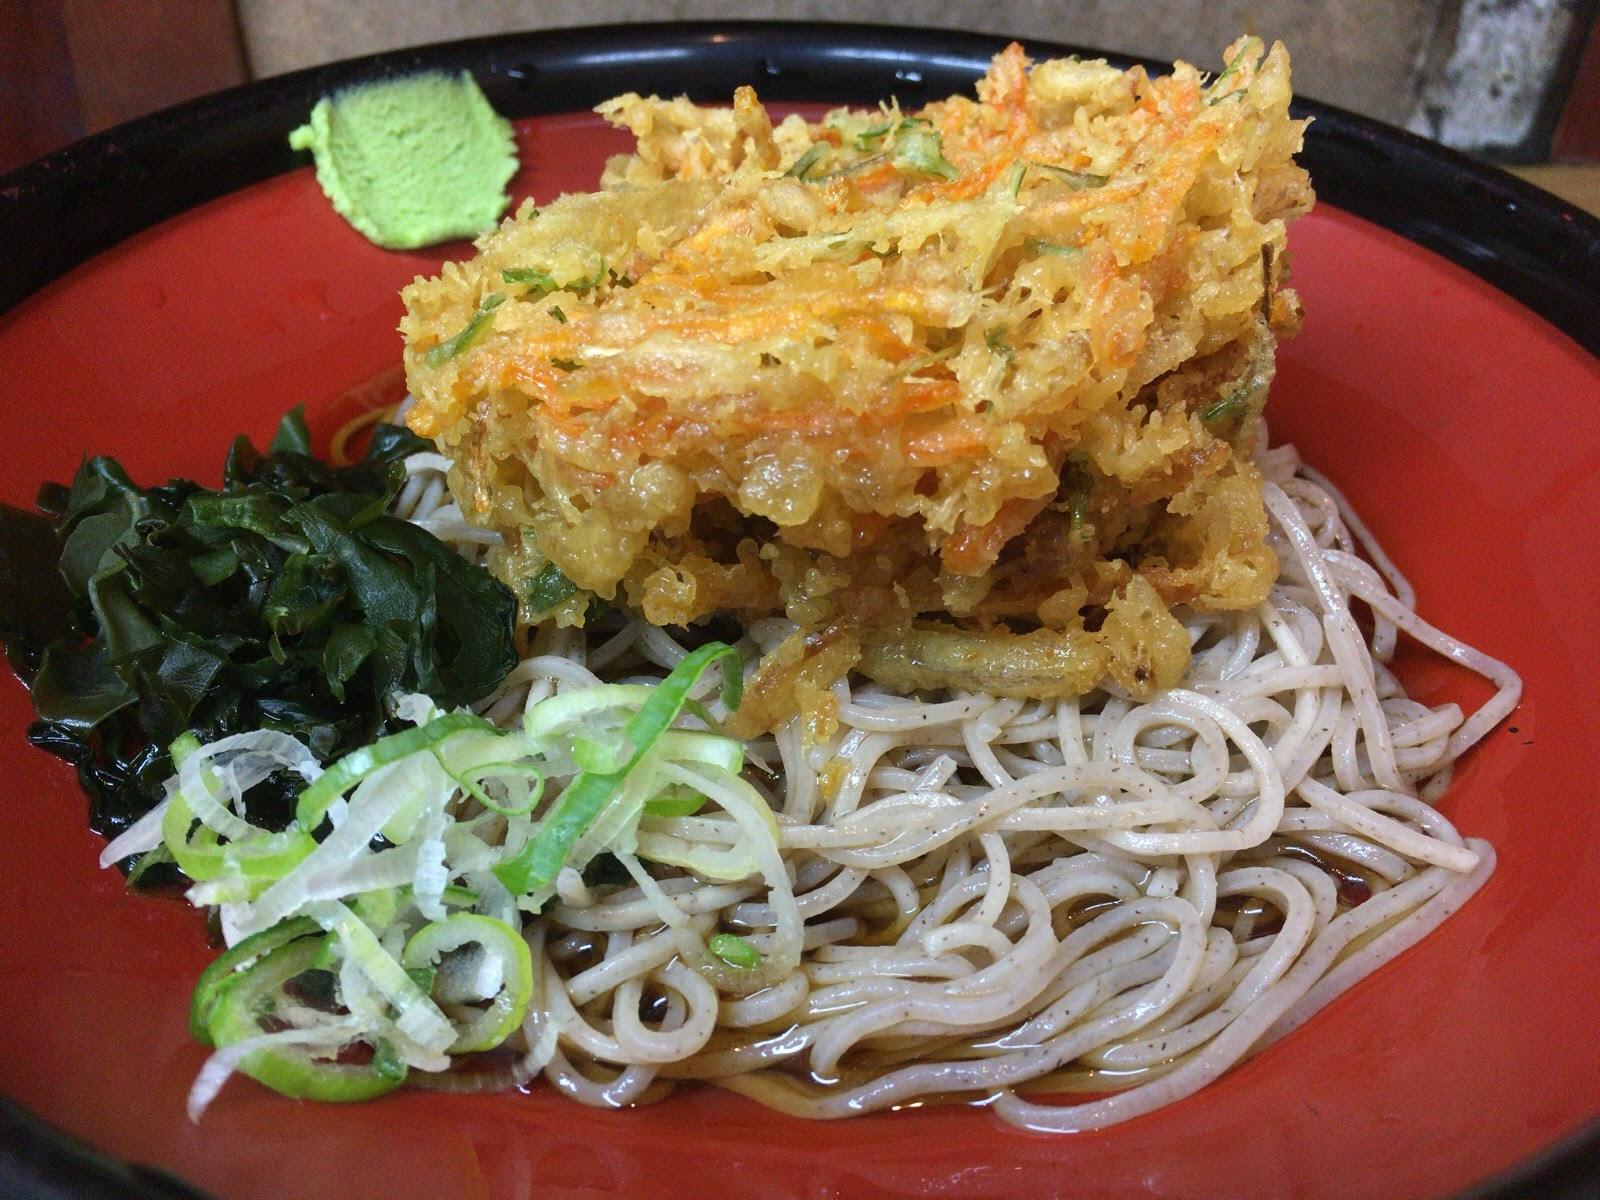 そばの神田  | 仙台駅周辺・30分以内・ご当地飯なら、間違いなくココ!喉ごしのよい蕎麦をワンコインで!